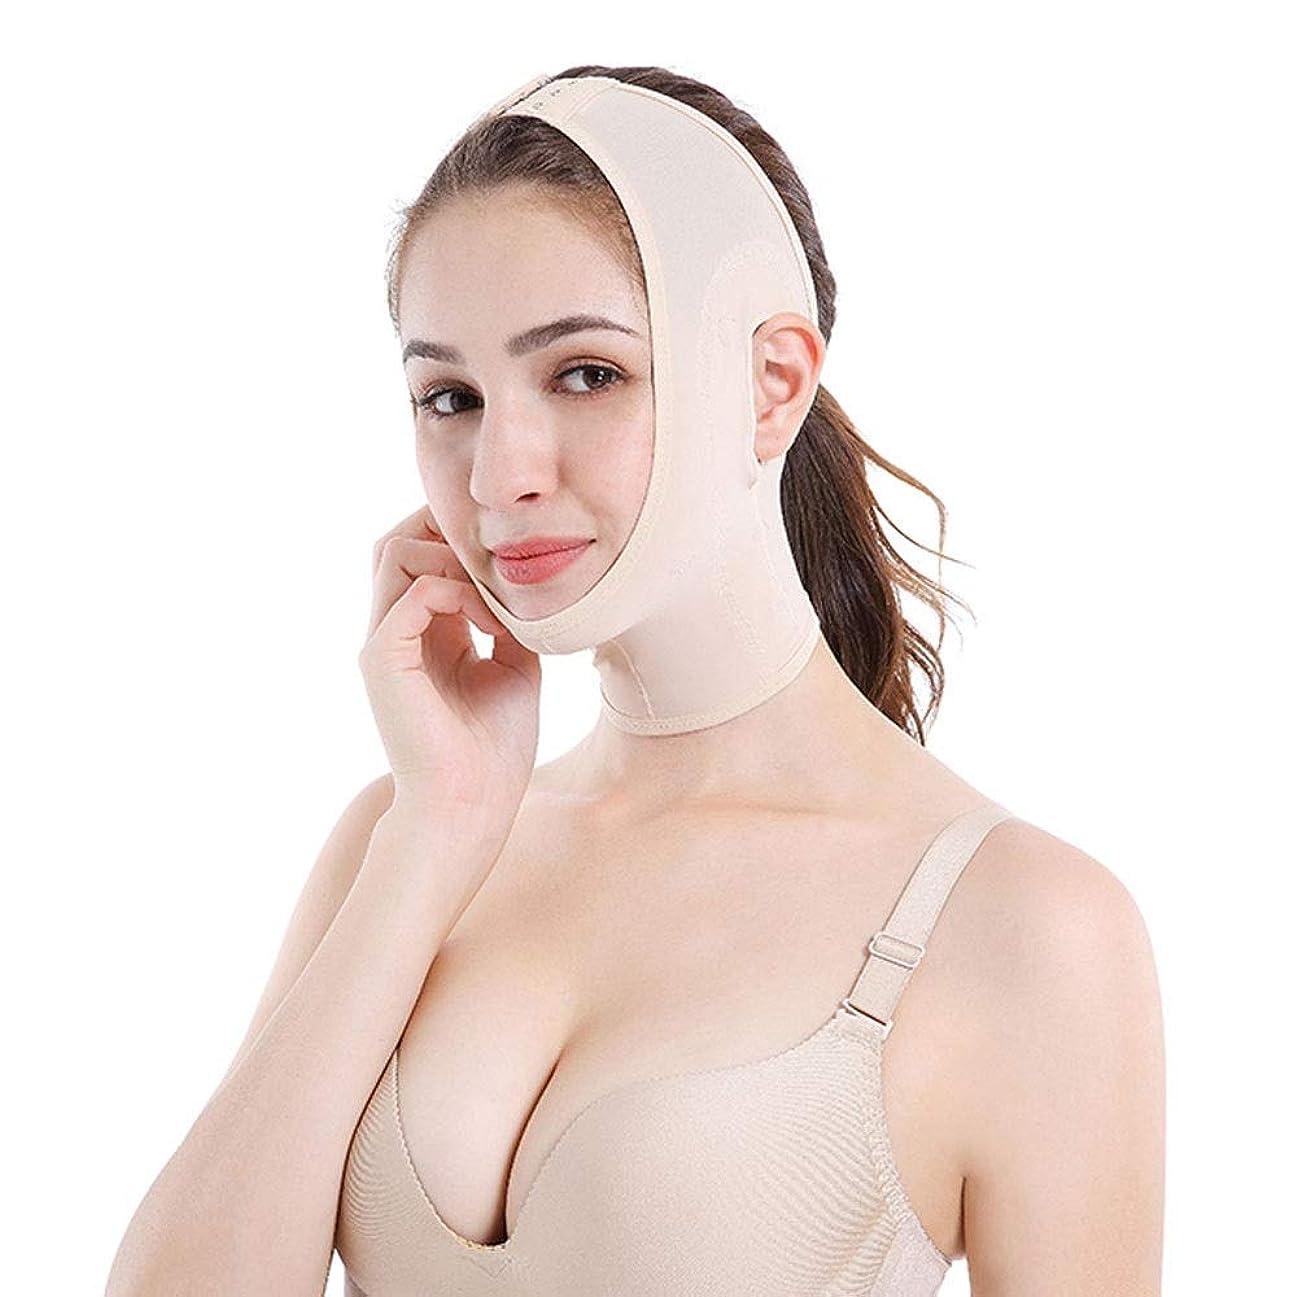 はずスコットランド人抑圧するGYZ 薄い顔のアーティファクトV顔のタイトな持ち上がる顔薄い顔??の包帯小さなV顔のマスク小さな顔の引き締め Thin Face Belt (Size : S)